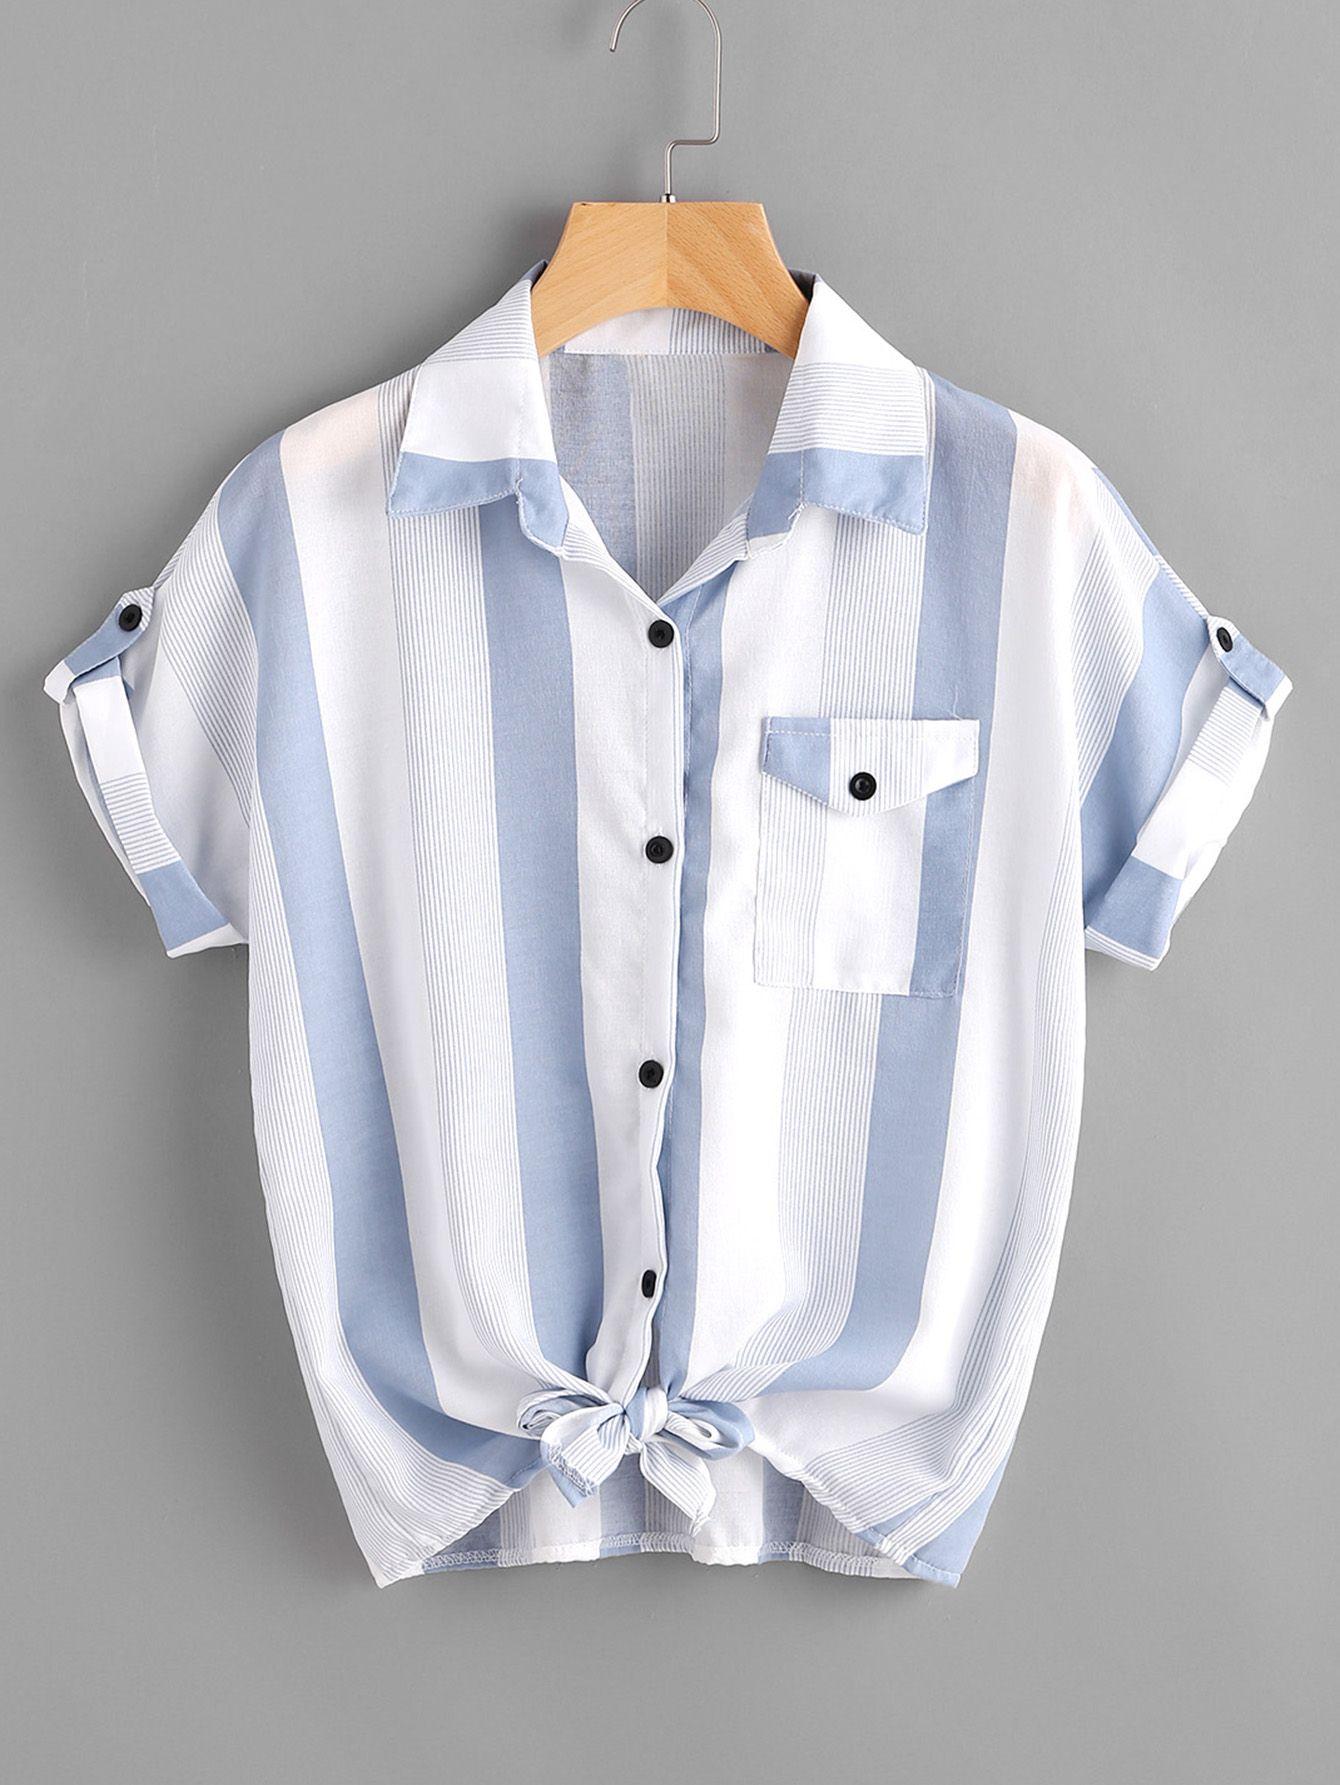 Blusa de rayas de mangas remangadas con nudo en la parte  delantera-(Sheinside) 022ba370b15